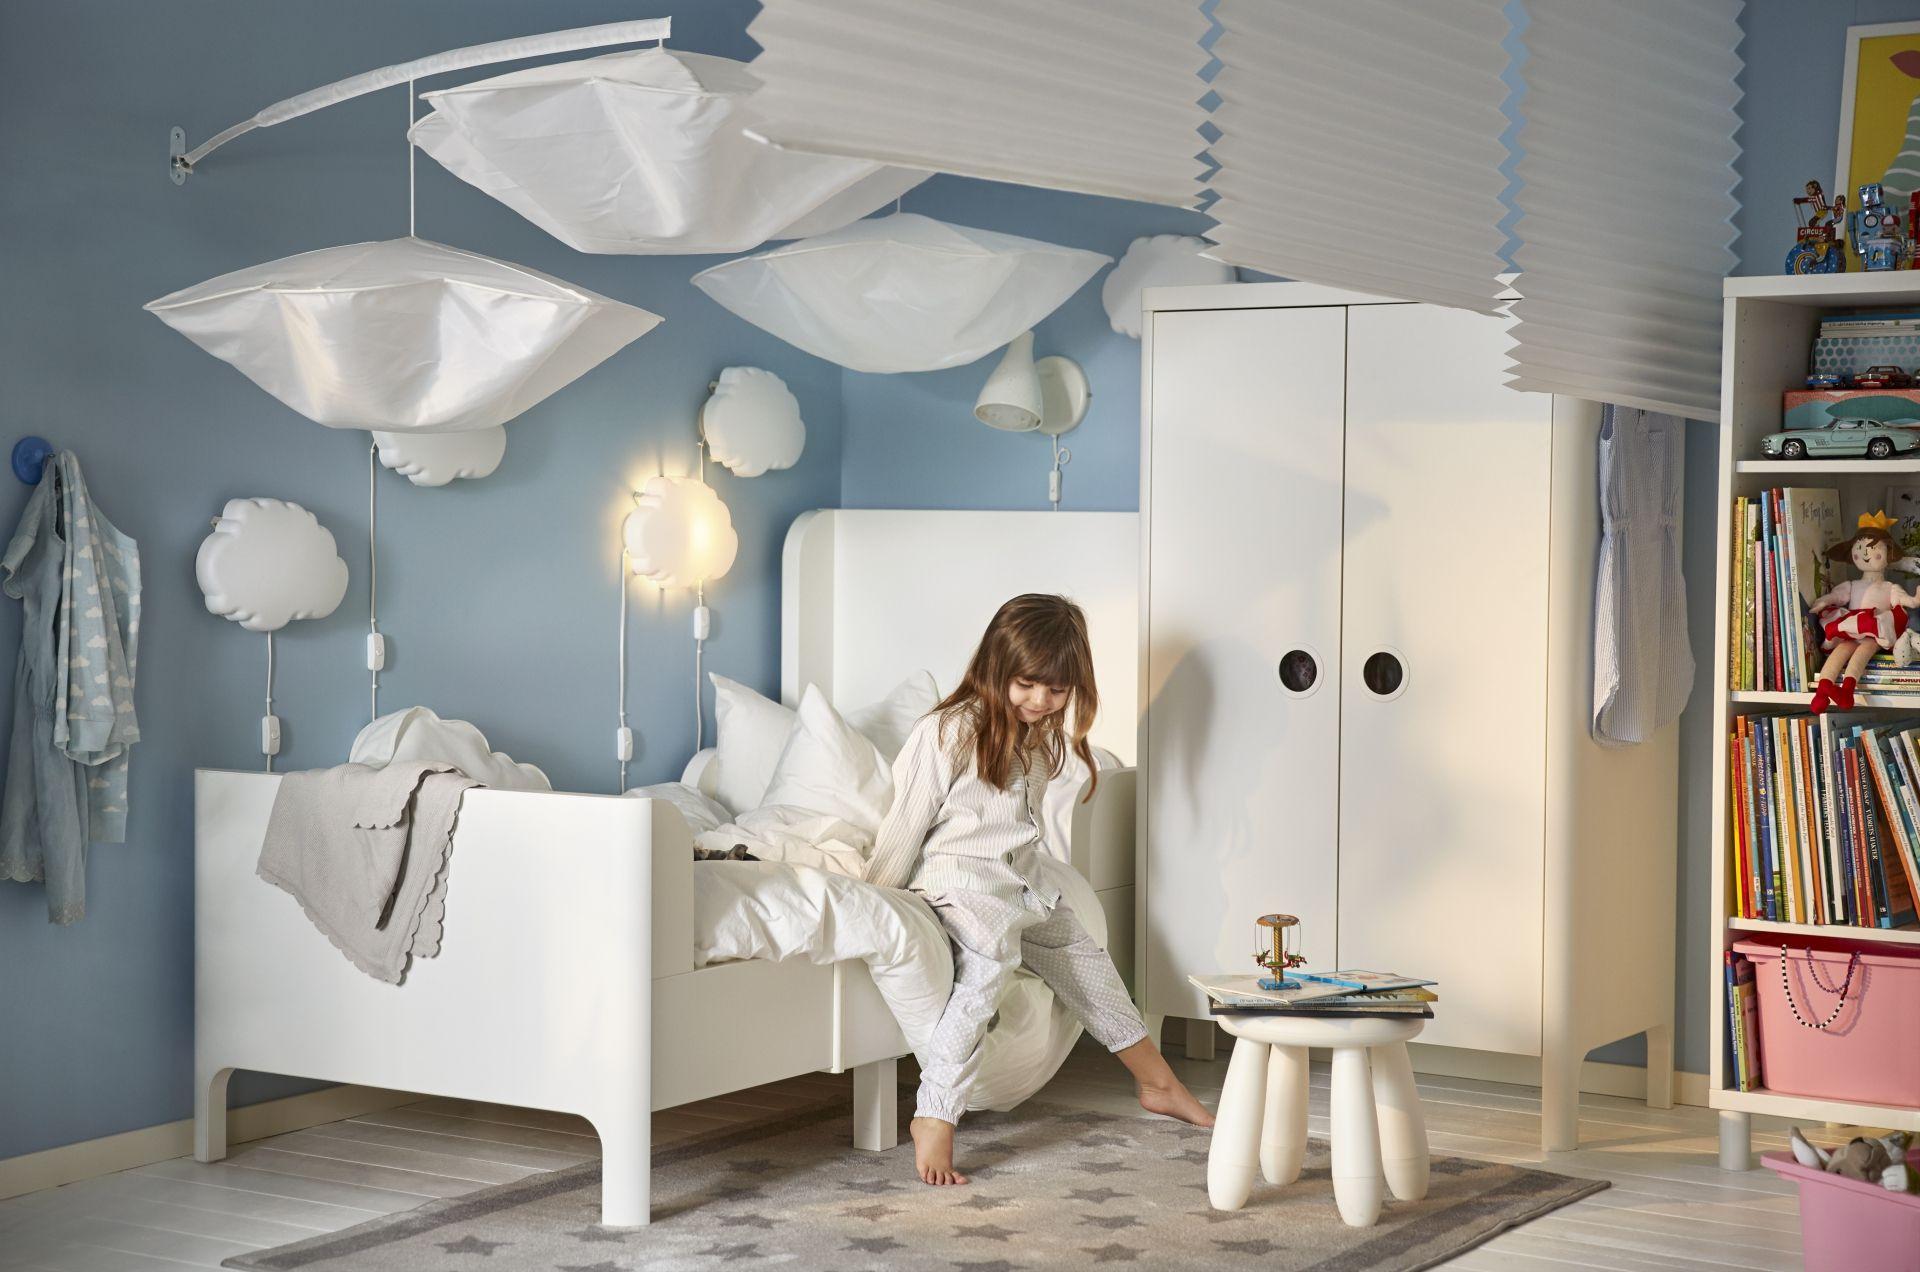 Kinderkamer Gordijnen Ikea : Himmelsk bedhemel wit in 2018 ikea catalogus 2017 pinterest